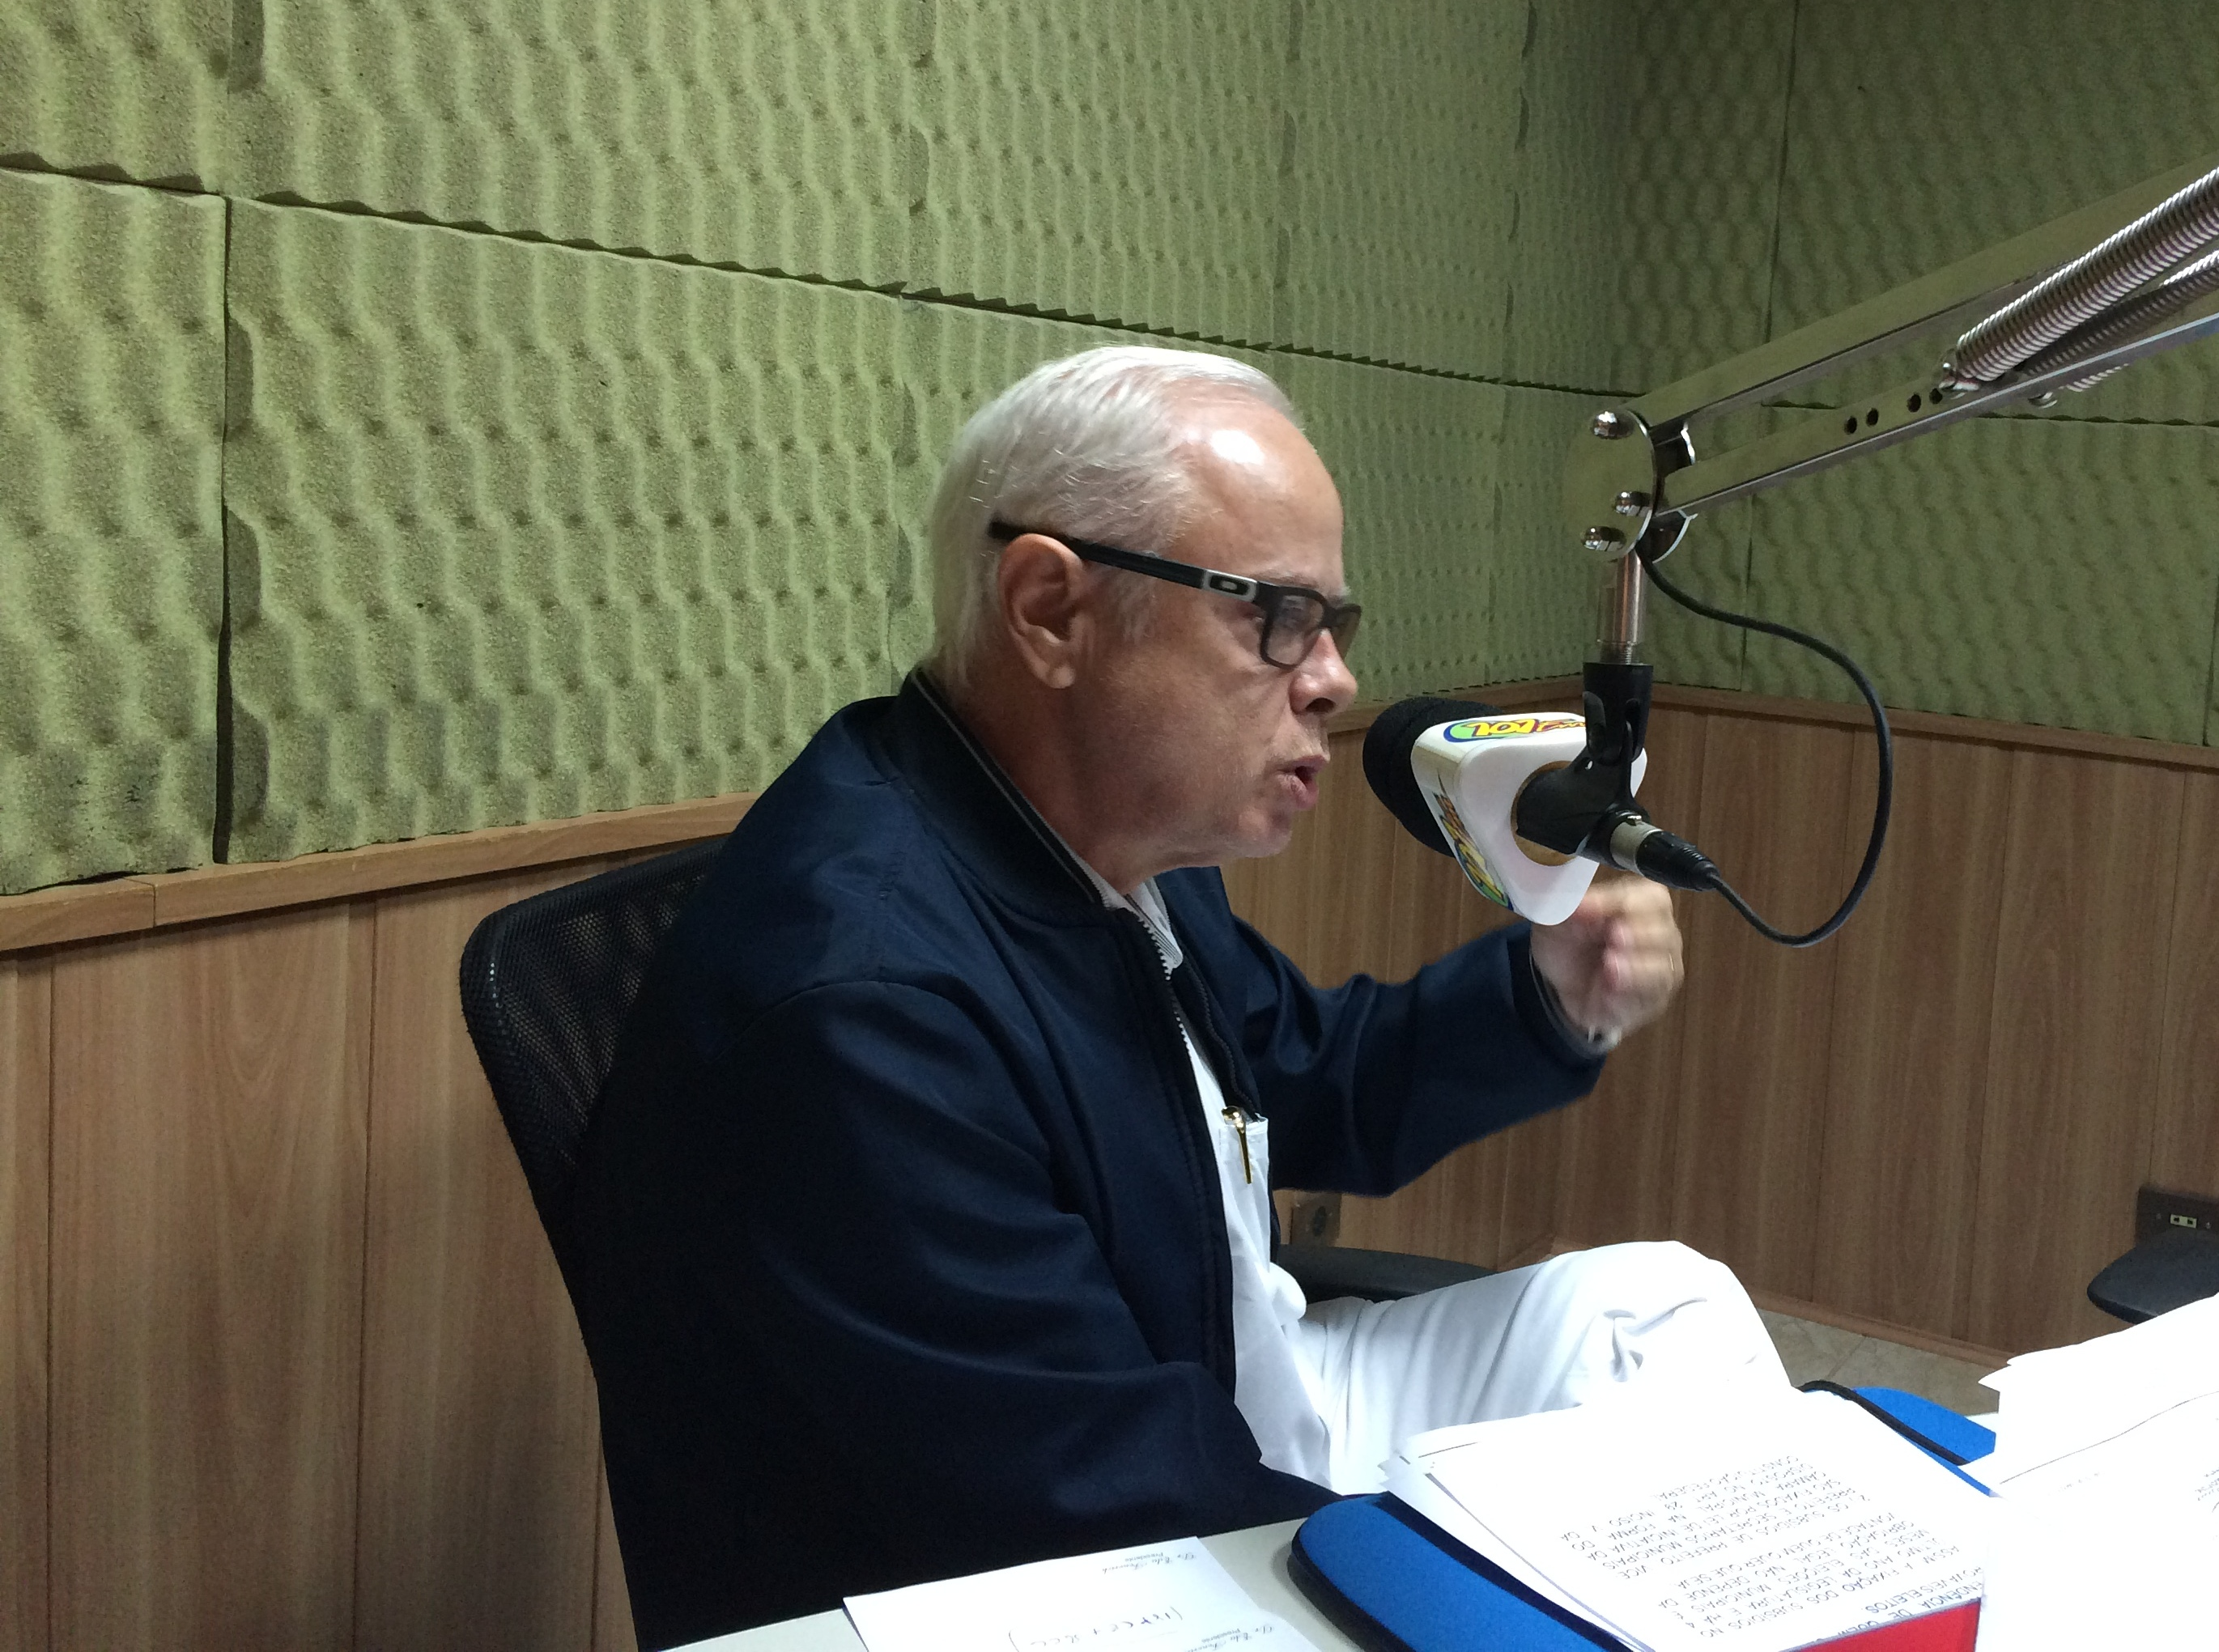 Vereador e presidente da Câmara Municipal de Jaboticabal, Edu Fenerich (PPS) falou sobre reajuste de subsídios (Foto: Fábio Penariol/Jornal 101)